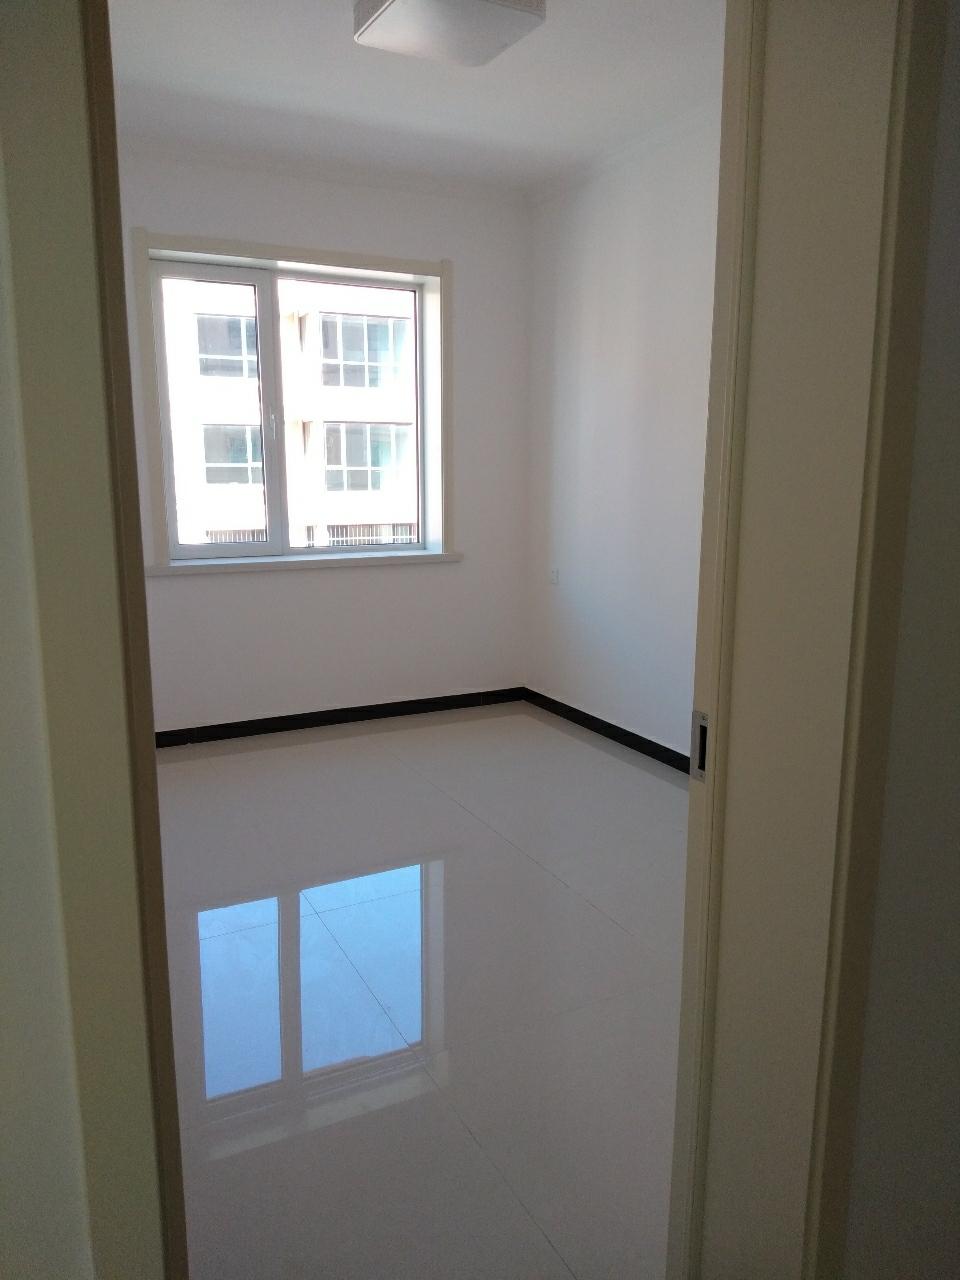 俪景湾2室 2厅 1卫35万元